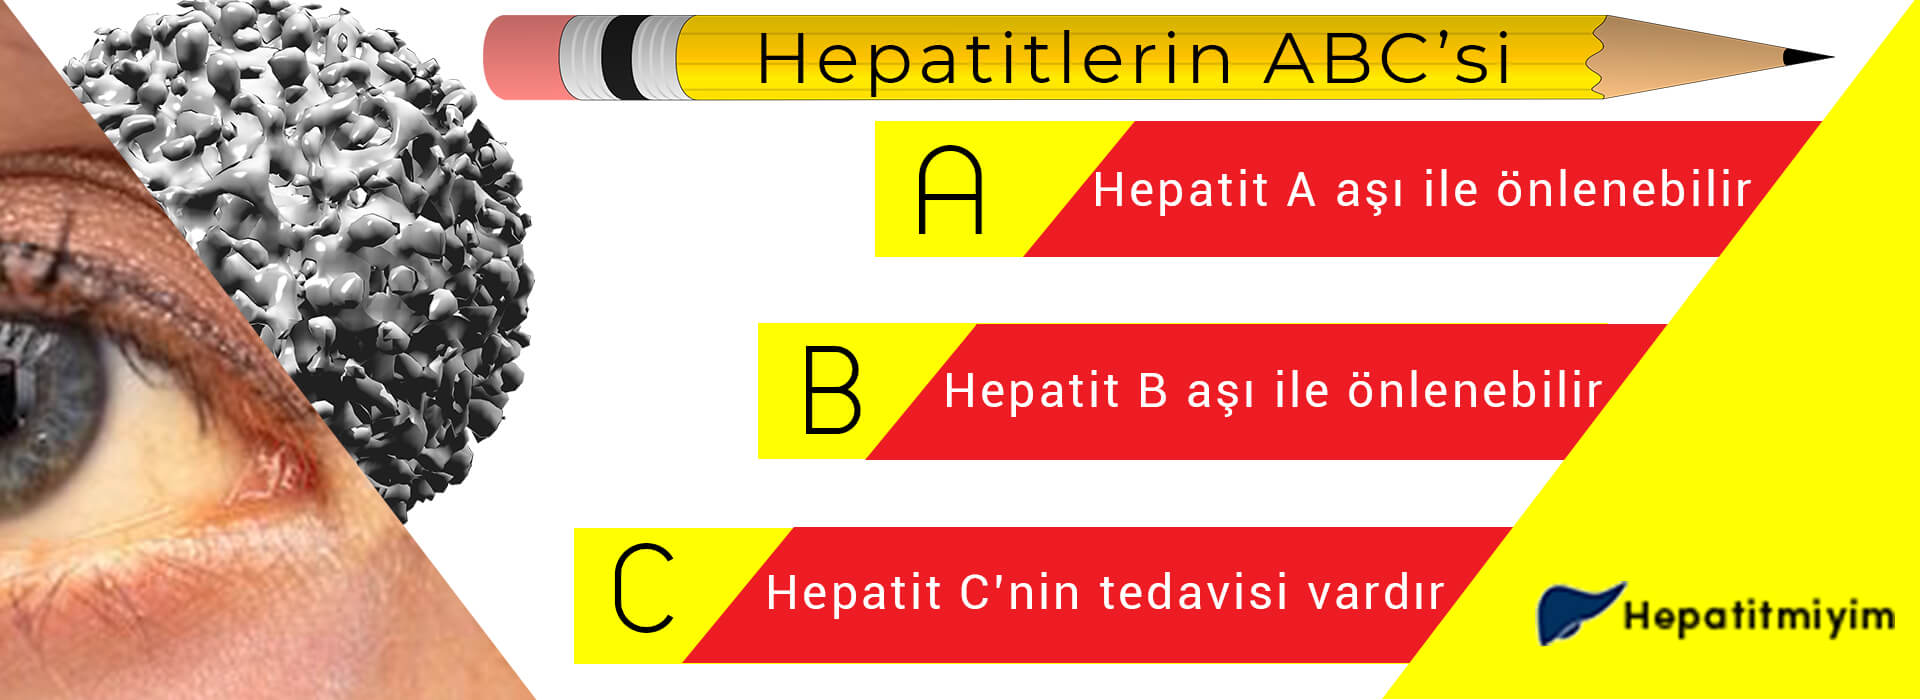 Hepatitmiyim 4